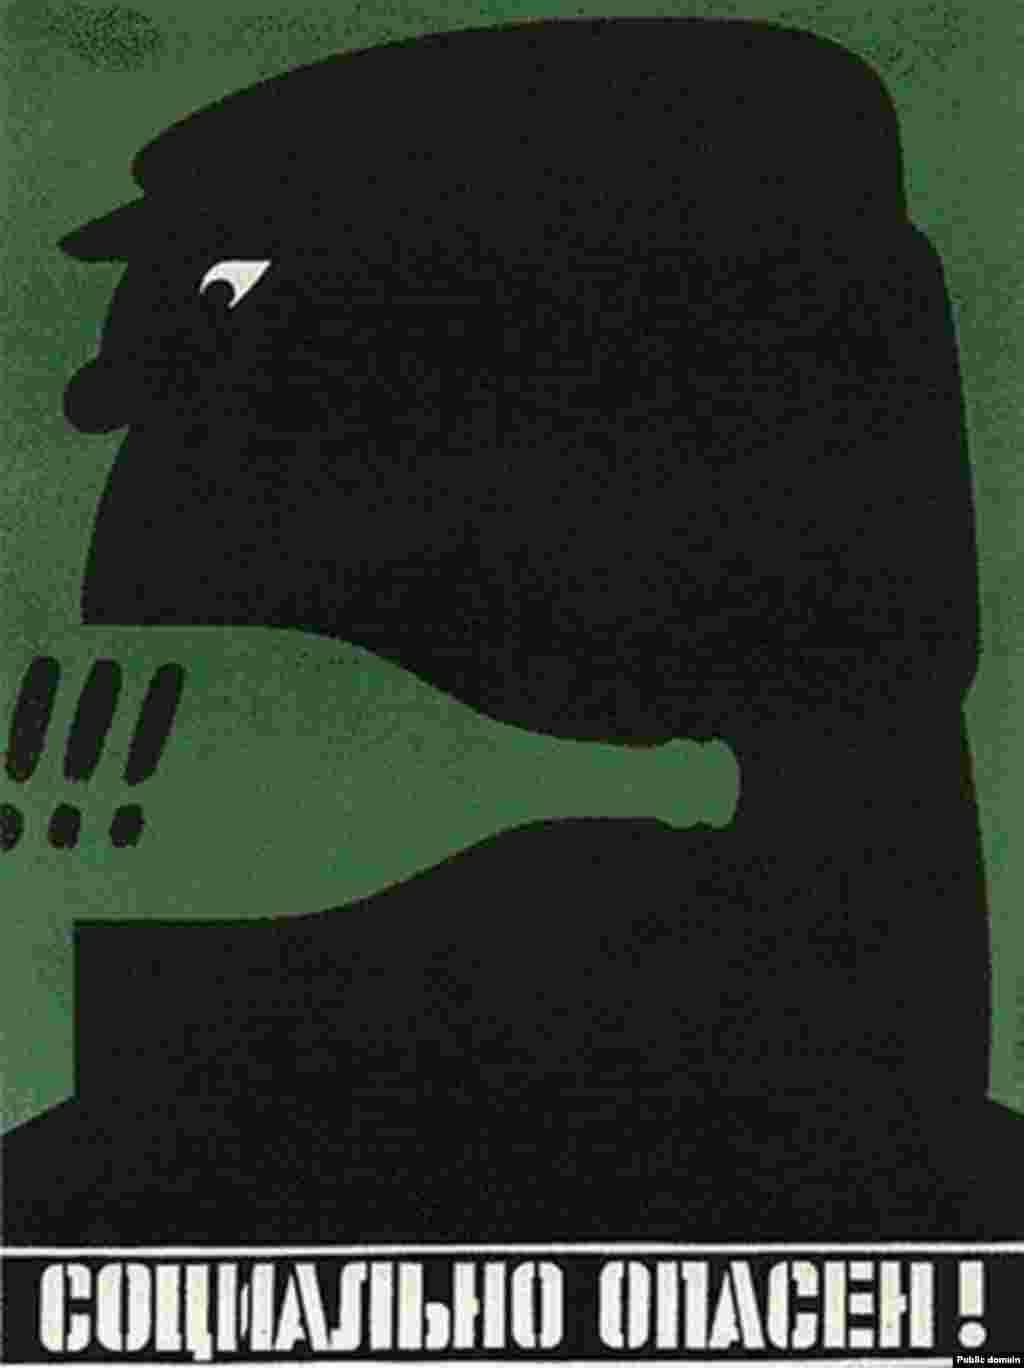 """""""Обществено опасен"""". Съветски плакат от 1985 г."""